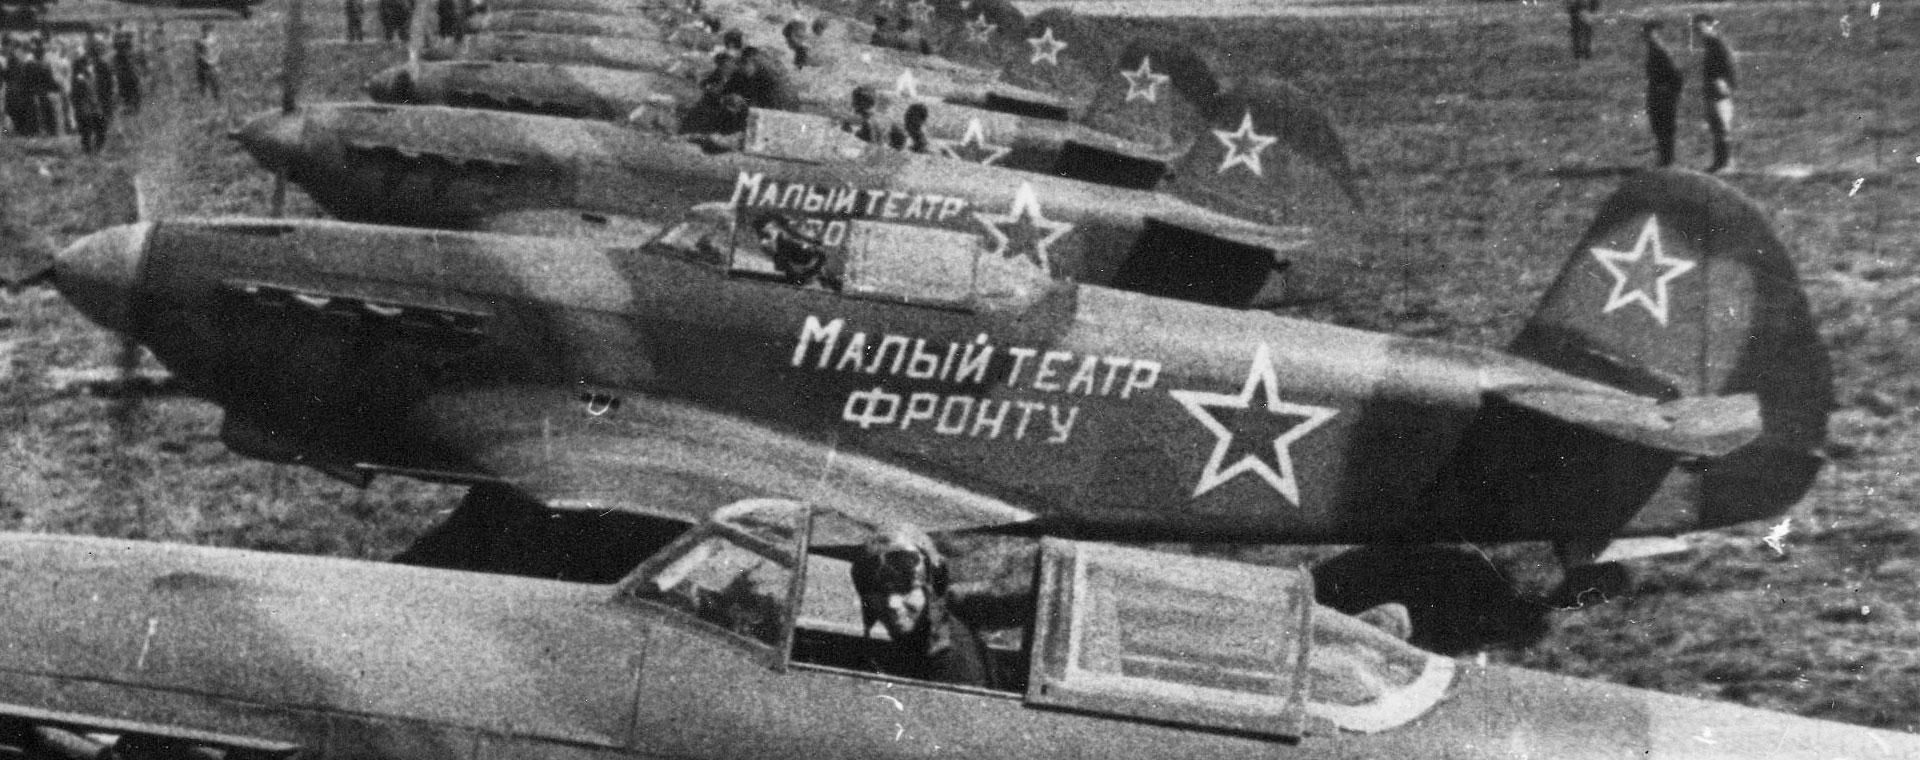 Истребитель Як-9Б Малый театр - фронту